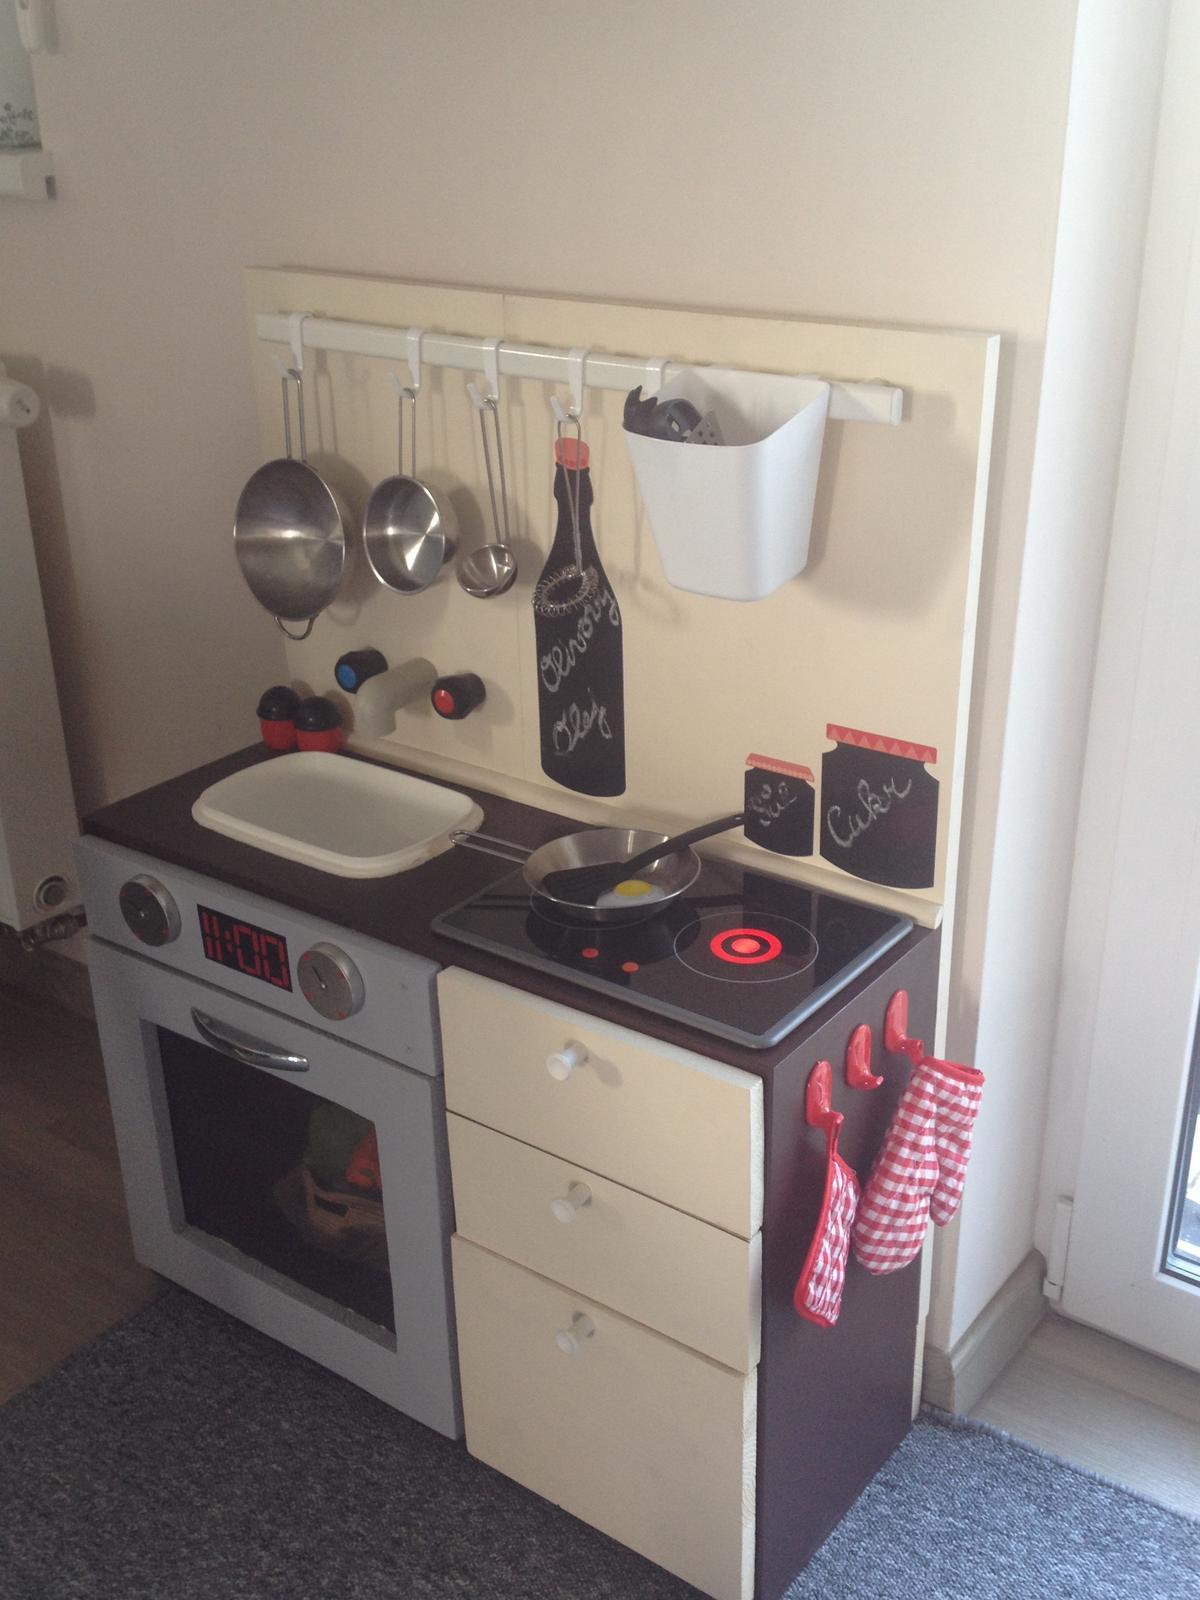 Moje výtvory - Kuchyňka ze staré televize :-)